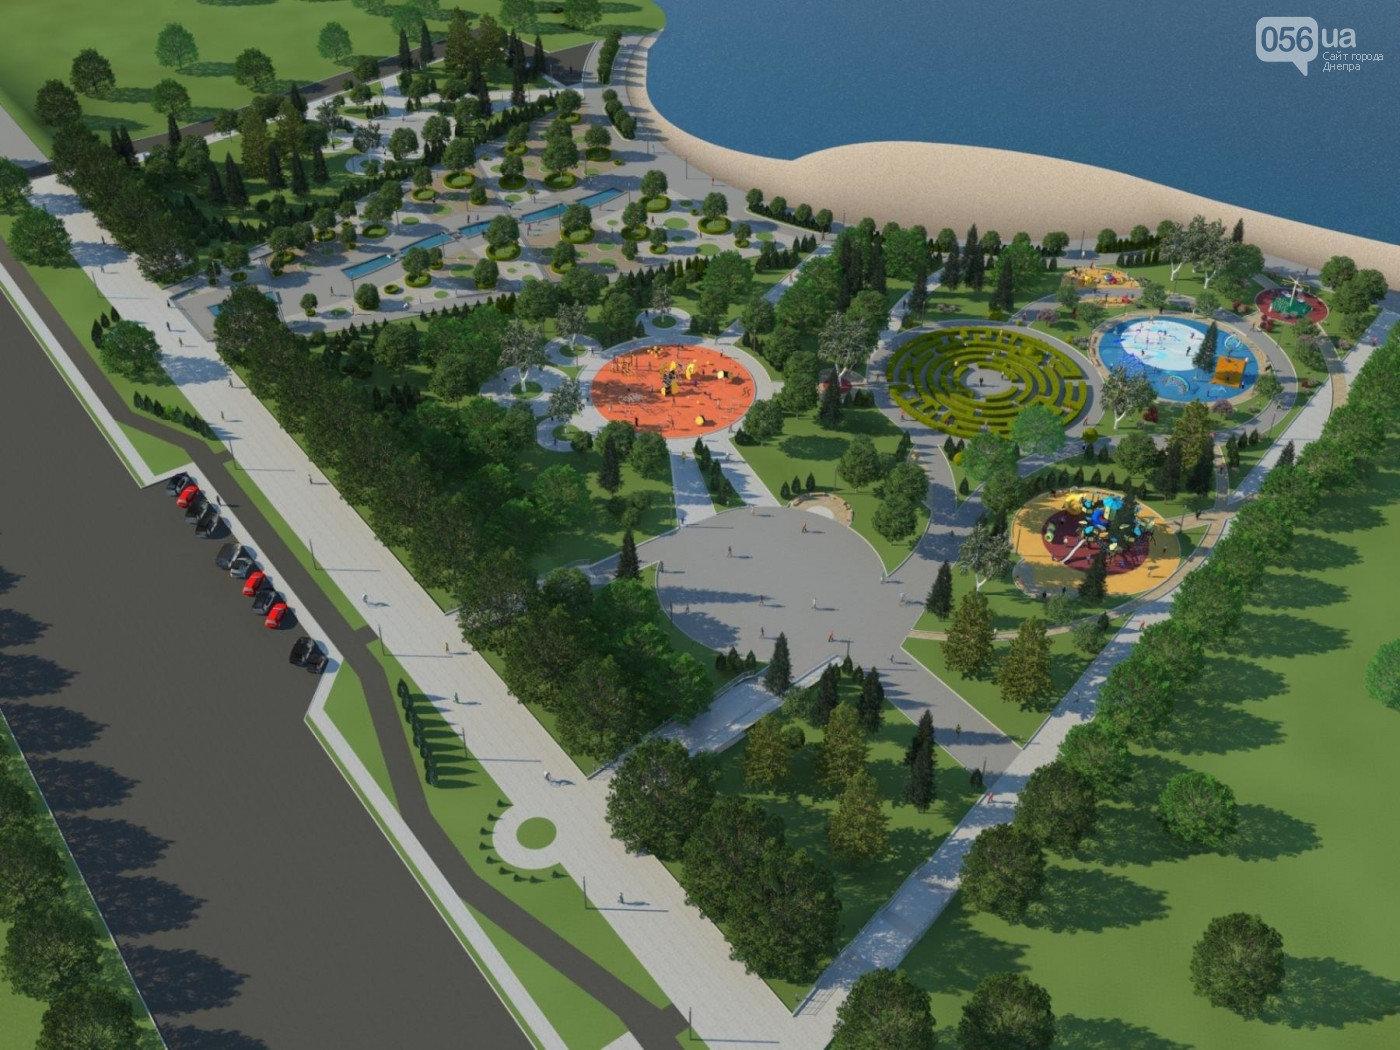 Строительство сквера «Прибрежный» в Днепре: как это выглядит с высоты птичьего полета, - ФОТО, фото-7